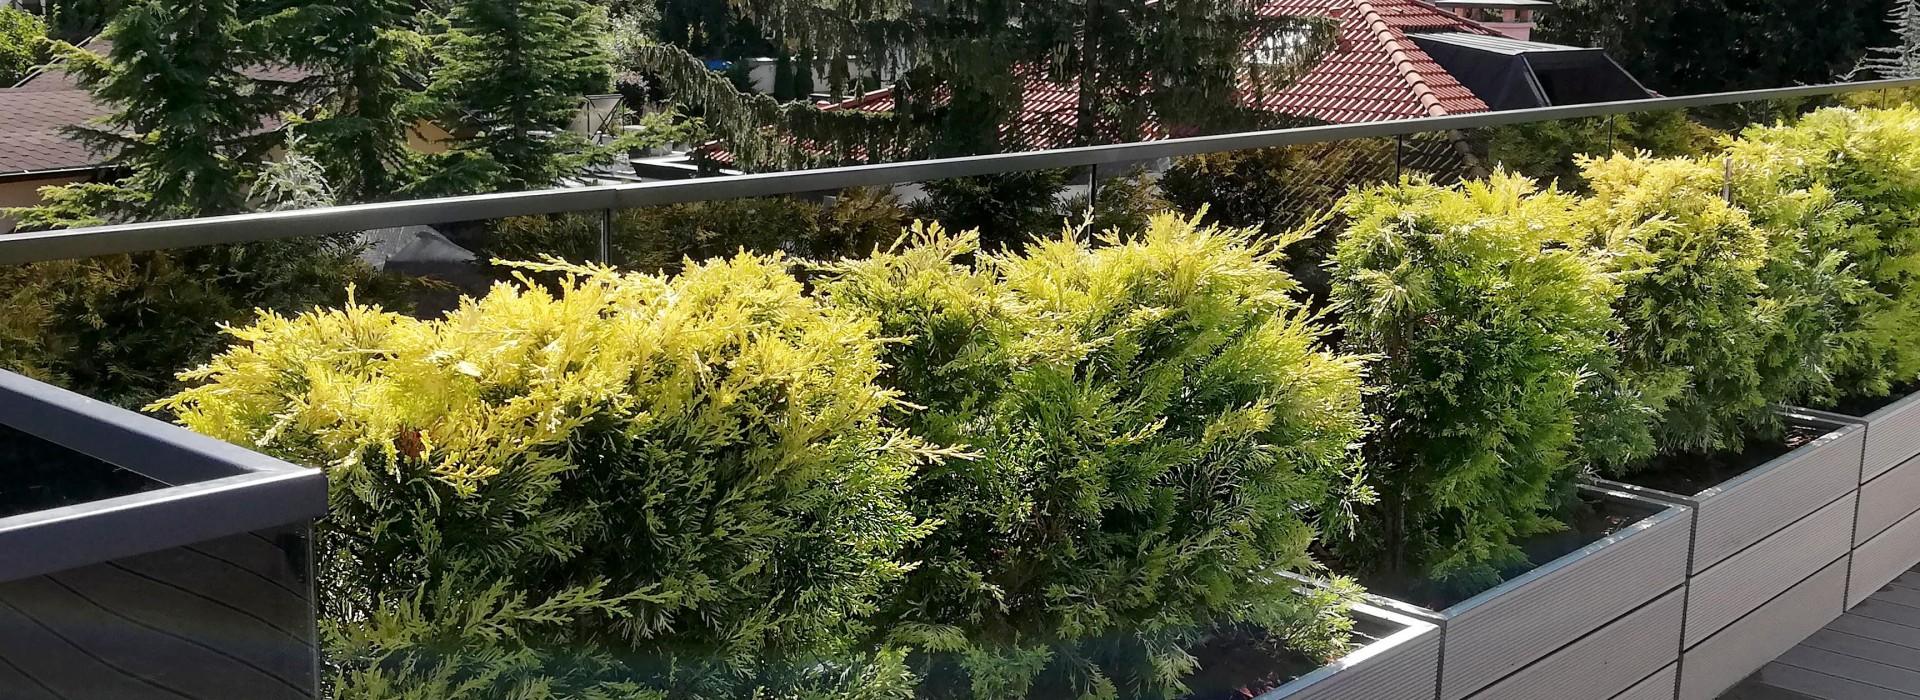 Озеленяване на покривна тераса - частен обект